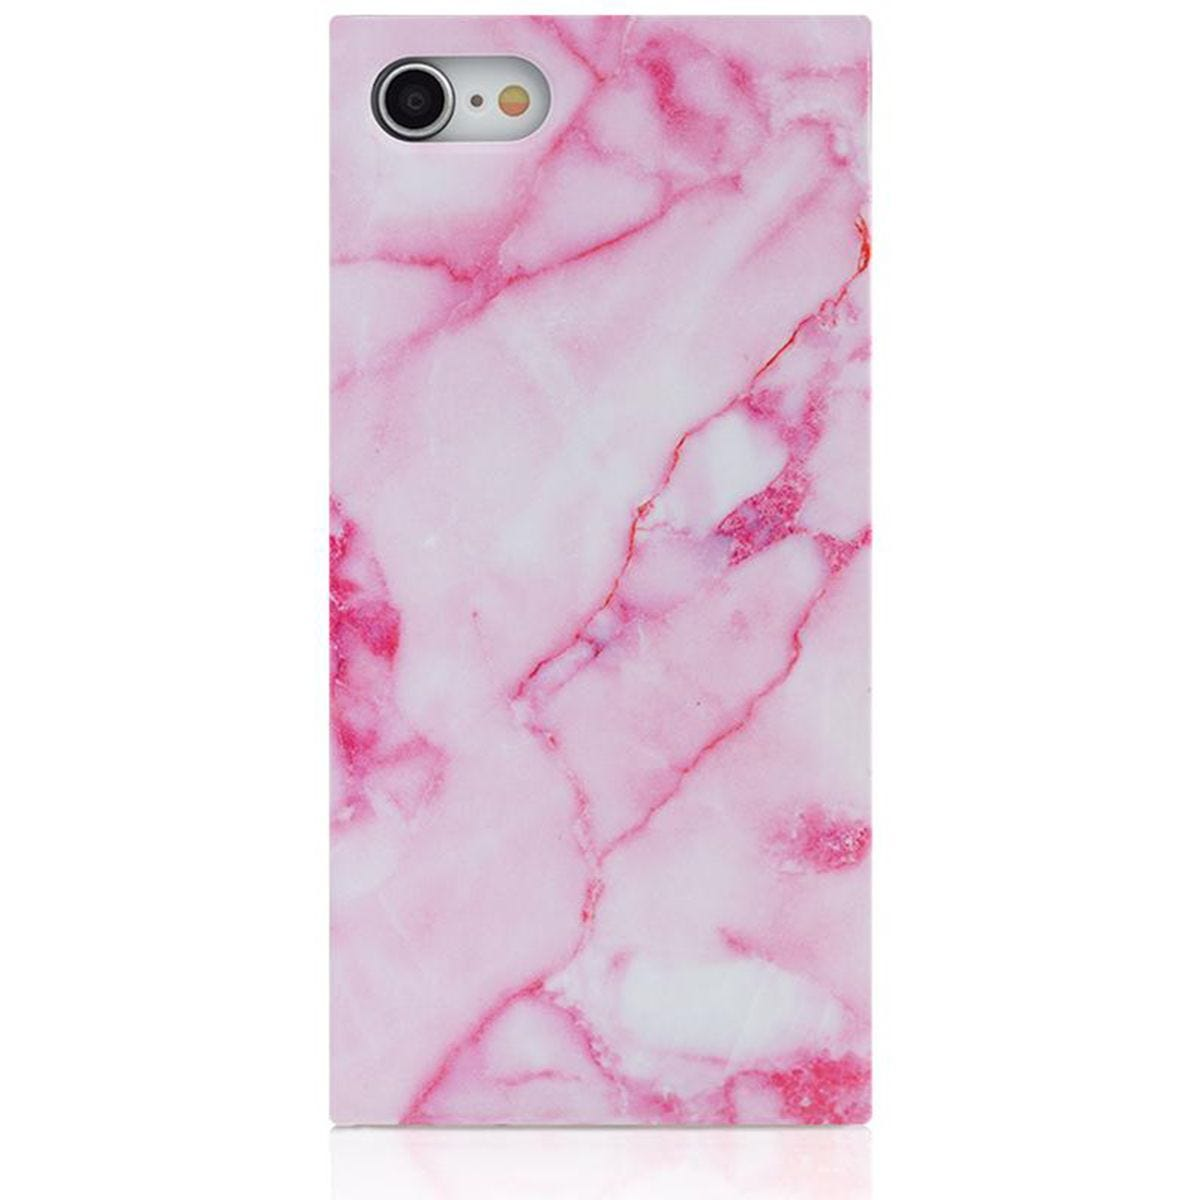 iDecoz Blush Marble Phone Case iPhone 7/8+